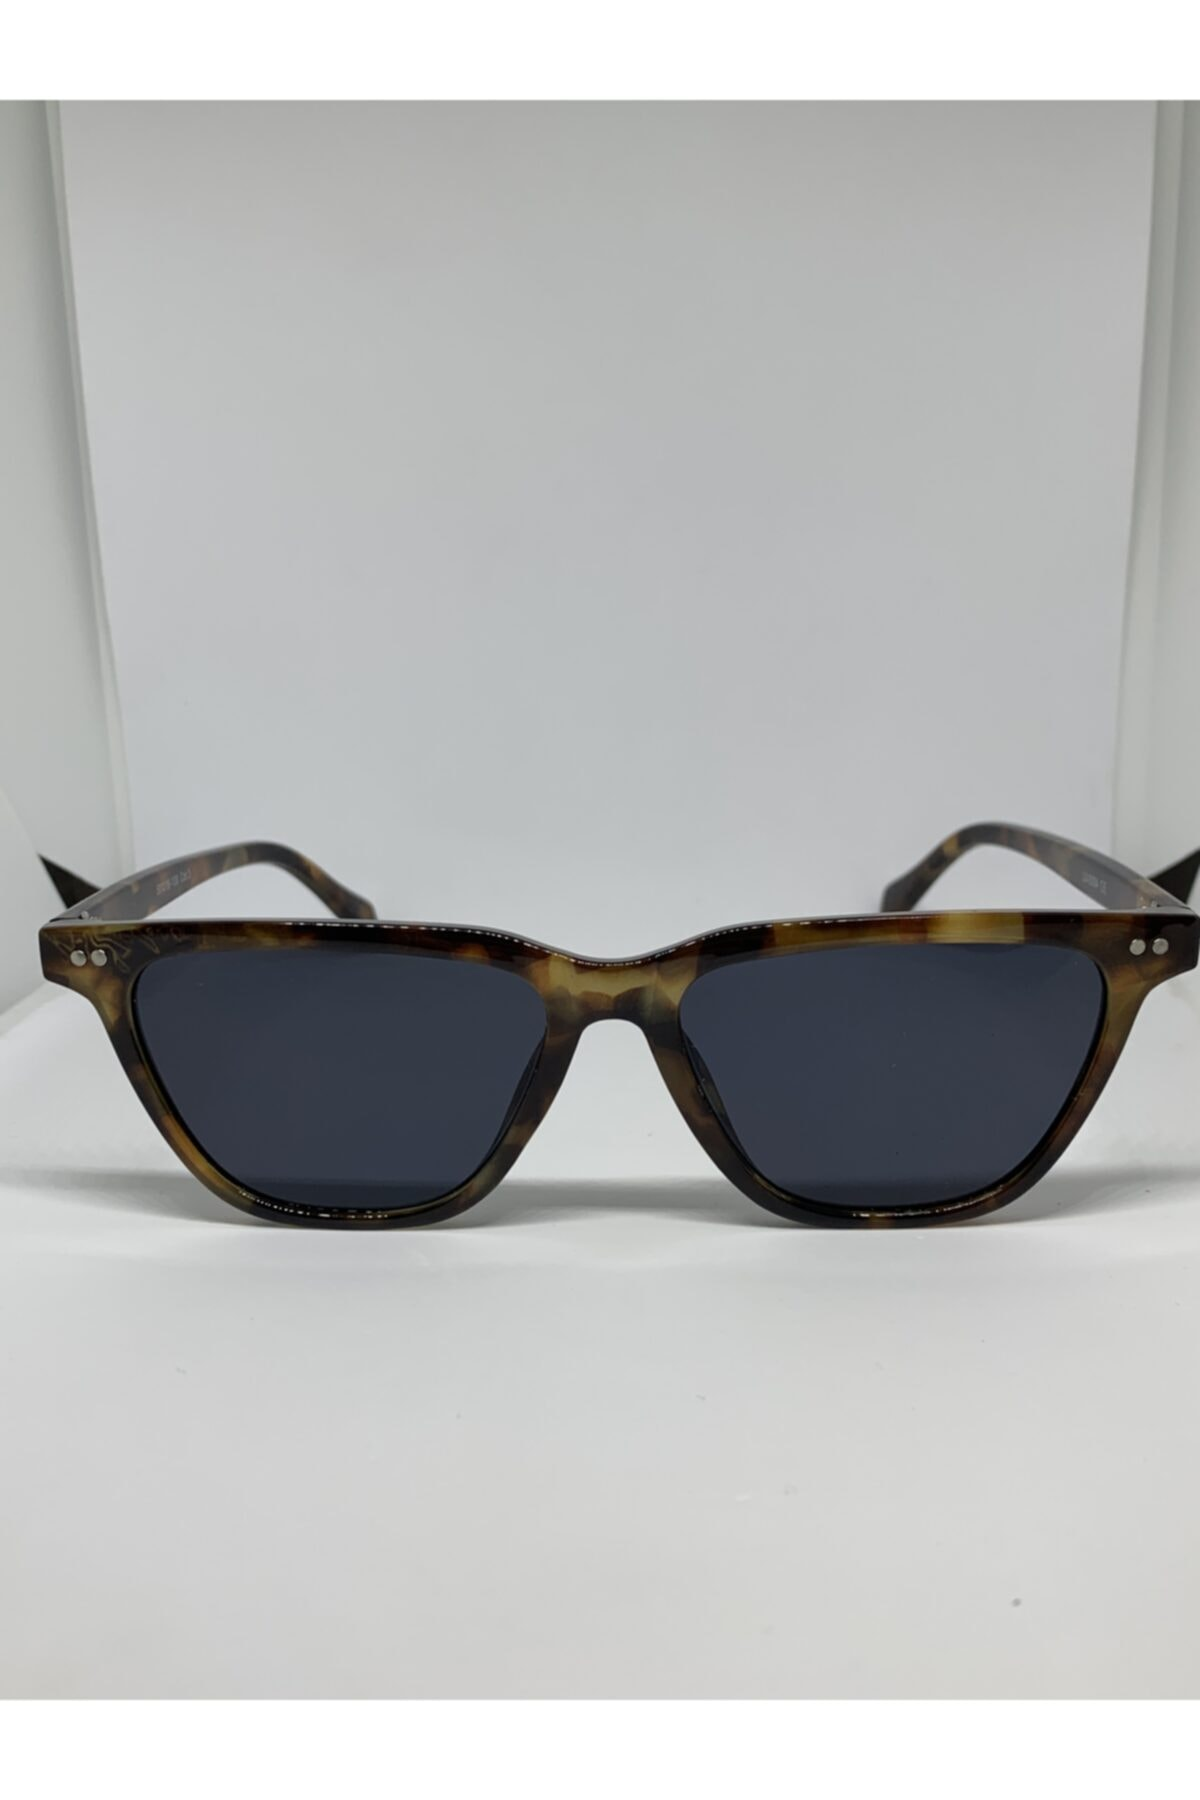 Toz Vintage Siyah Leopar Güneş Gözlüğü 1